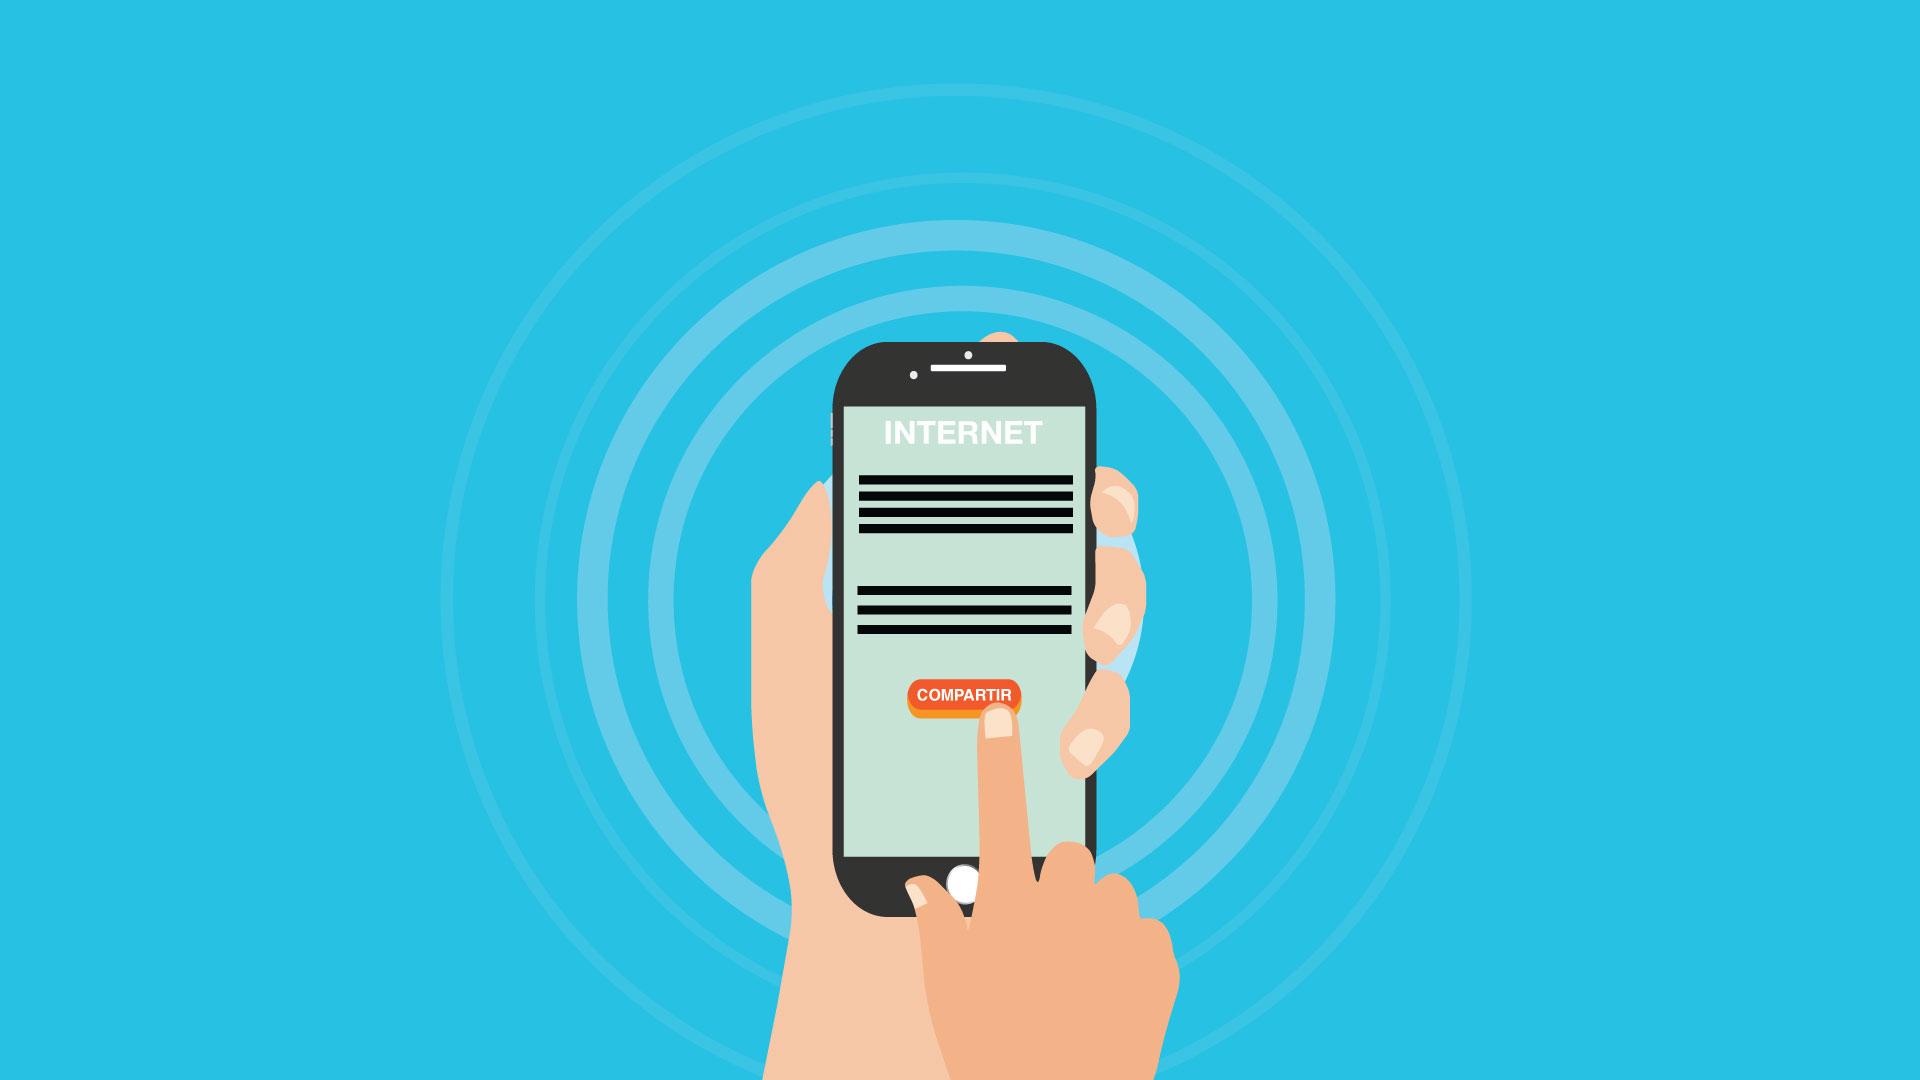 Cómo compartir WiFi desde tu teléfono Android